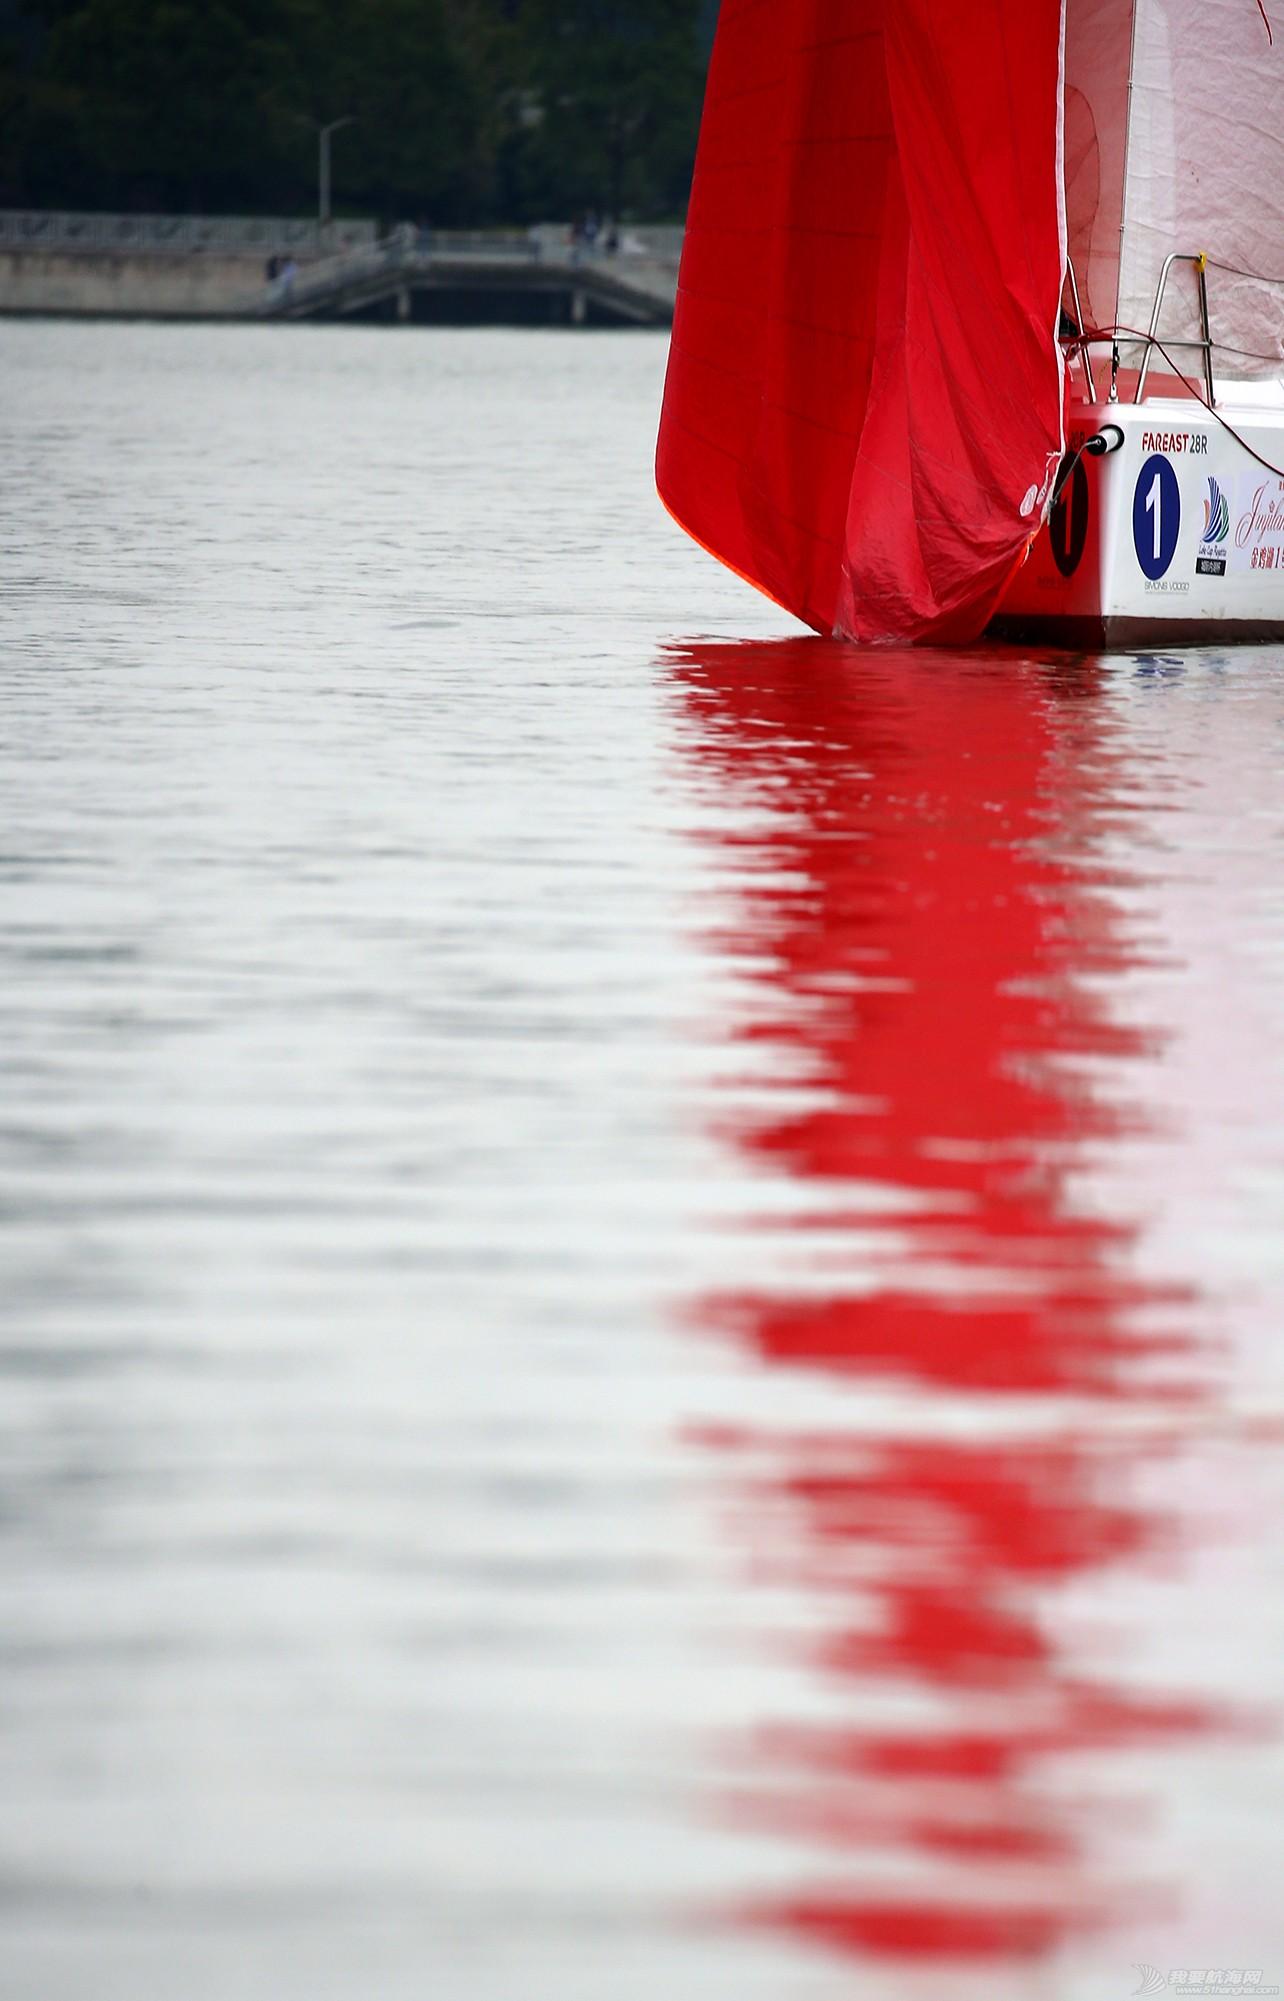 帆船,空间 帆船是灰度空间里跳动的彩色音符 E78W9704.JPG